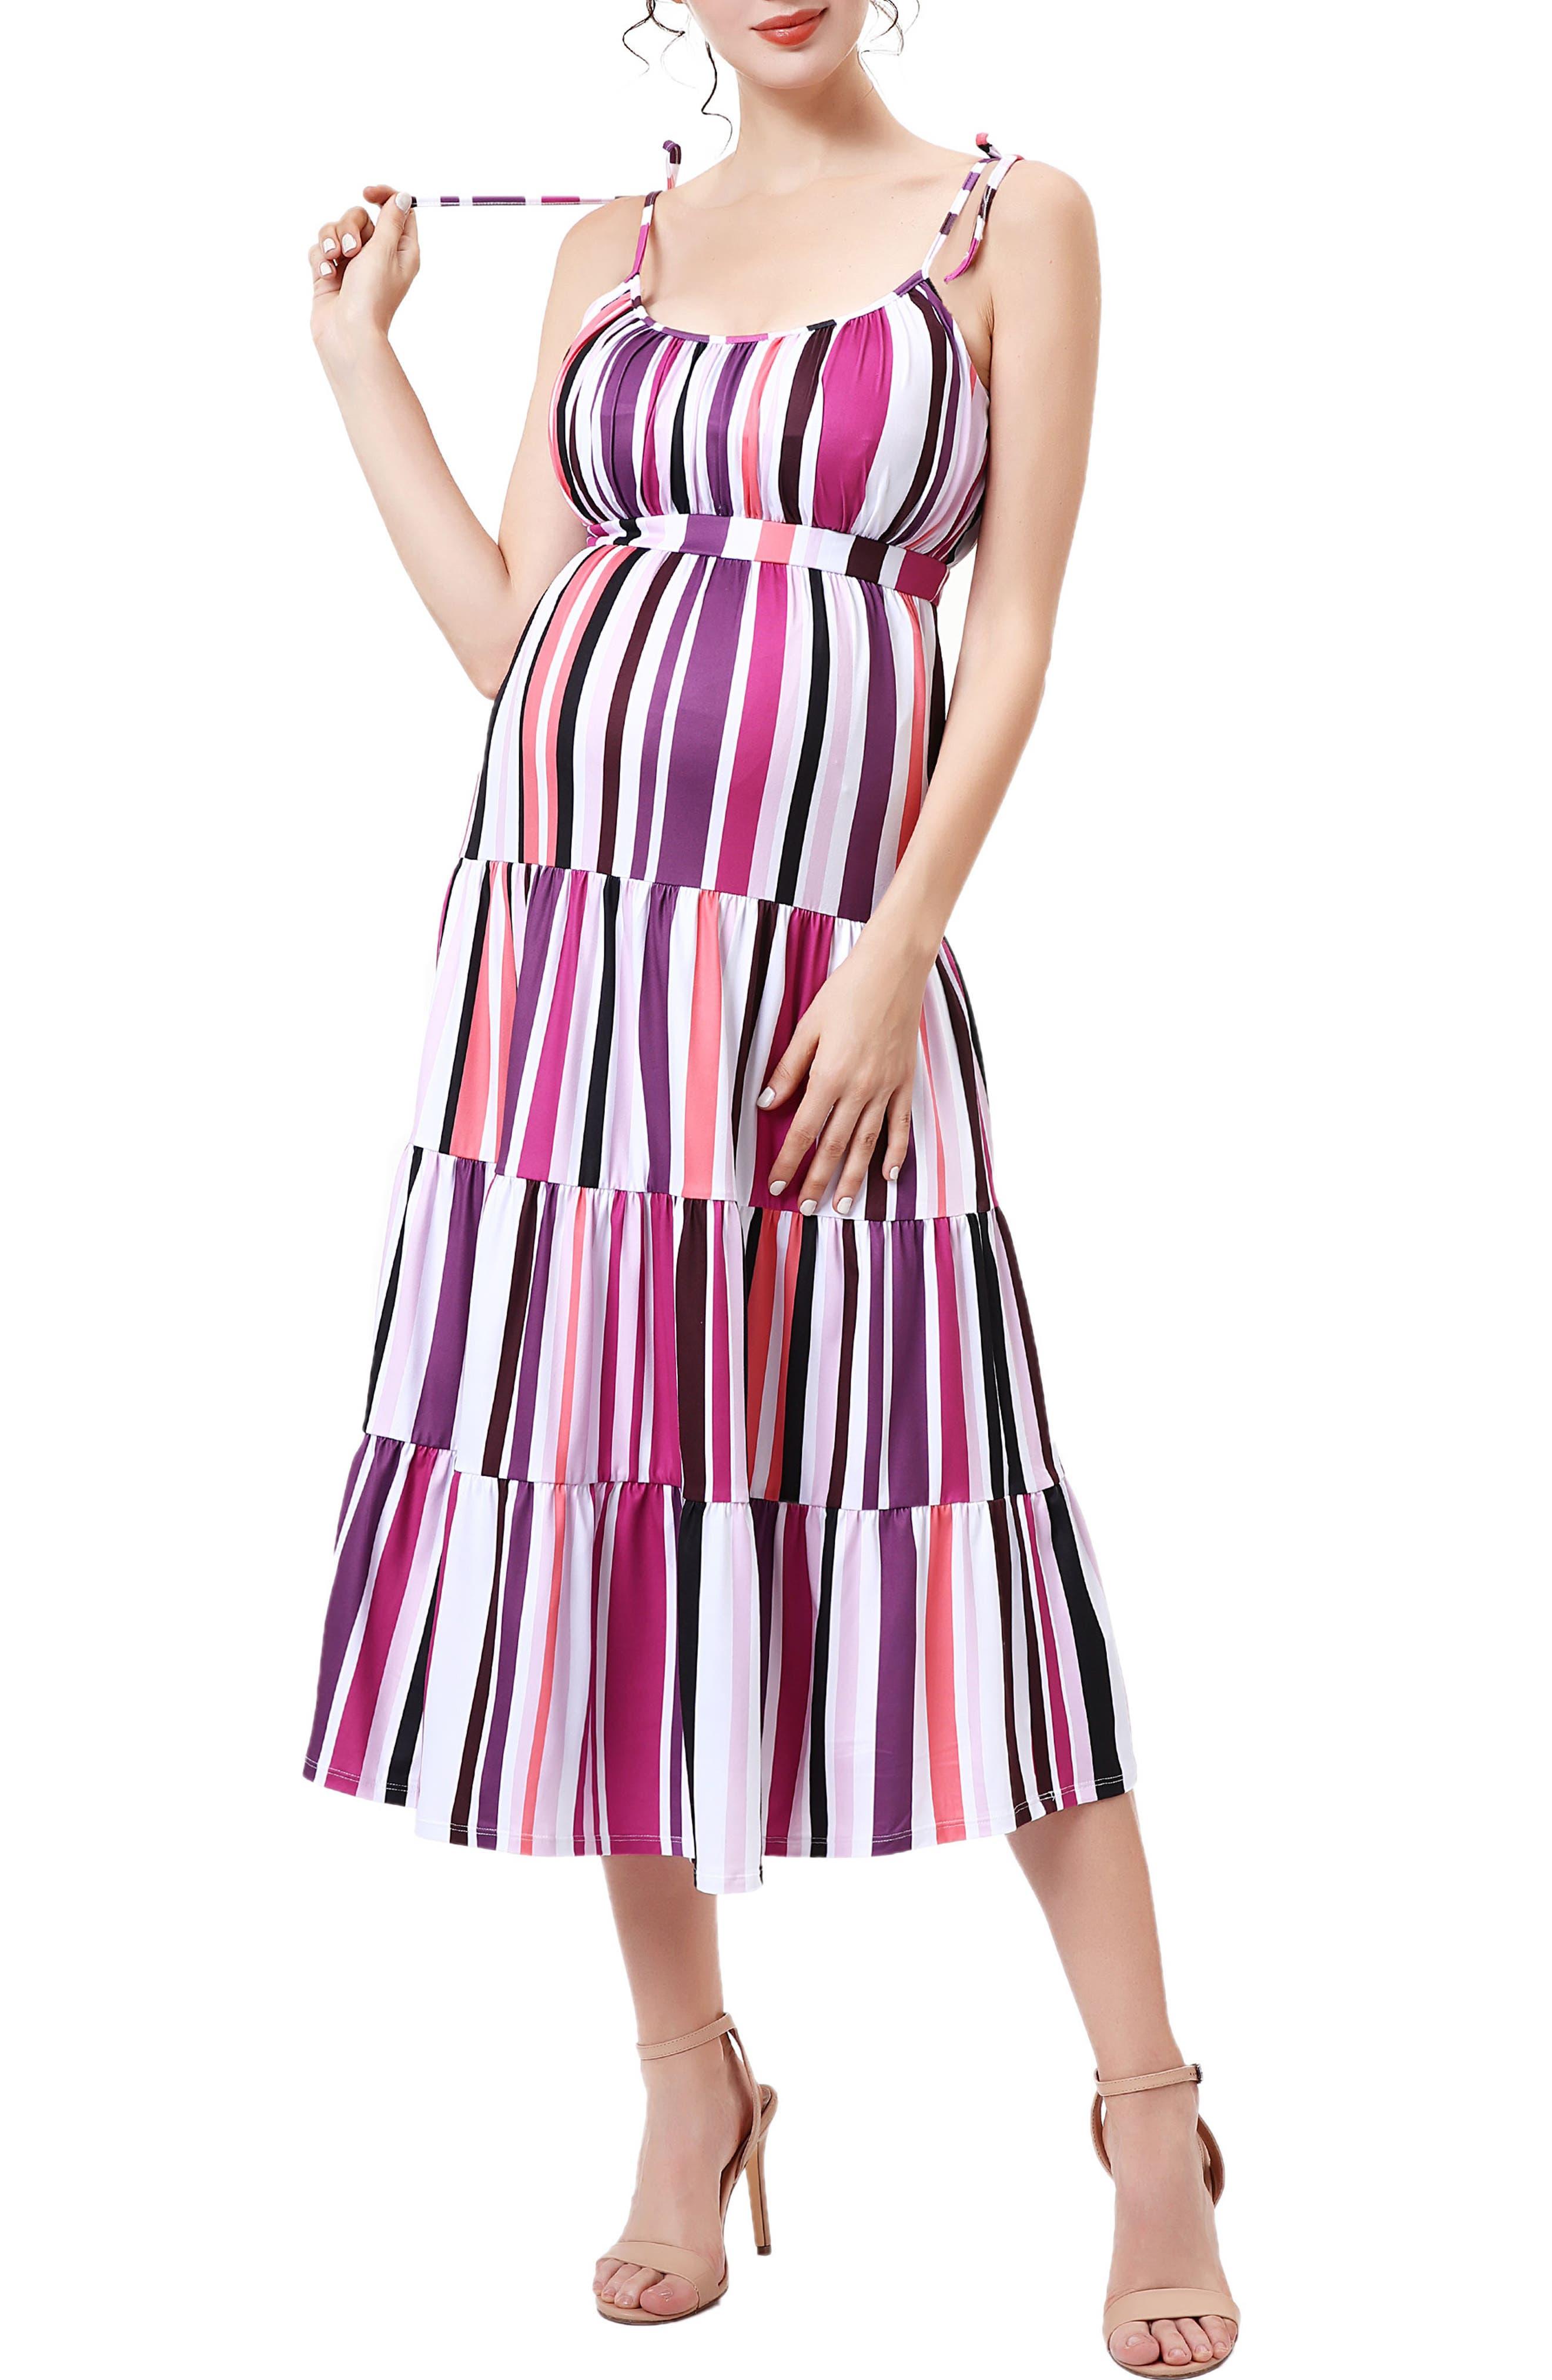 Stripe Ruffle Maternity Jersey Sundress